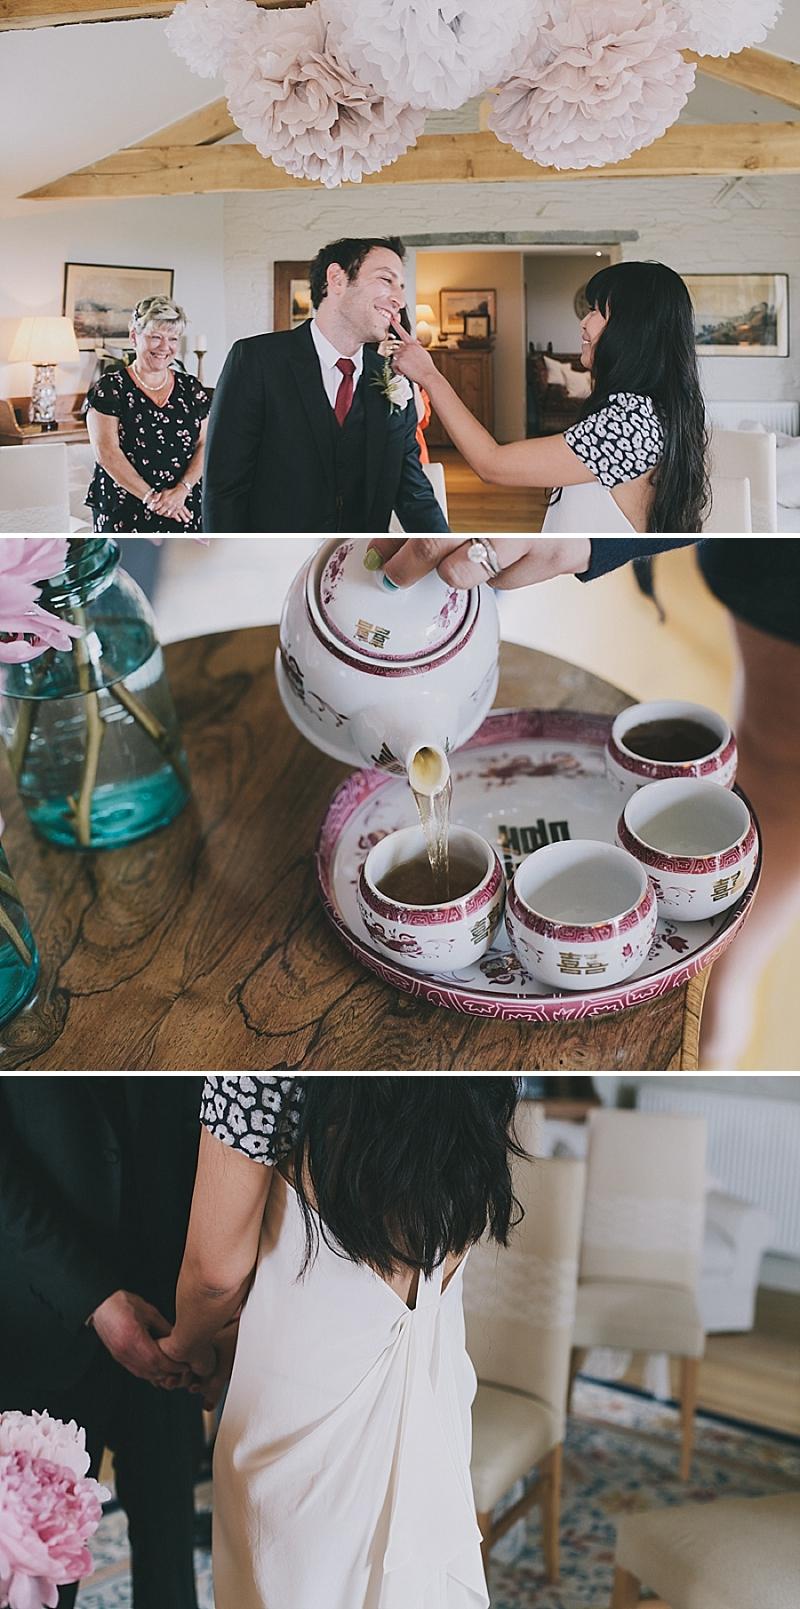 A stylish cornwall sornish wedding with a designer wedding dress by 3.1 Philip Lim_0427